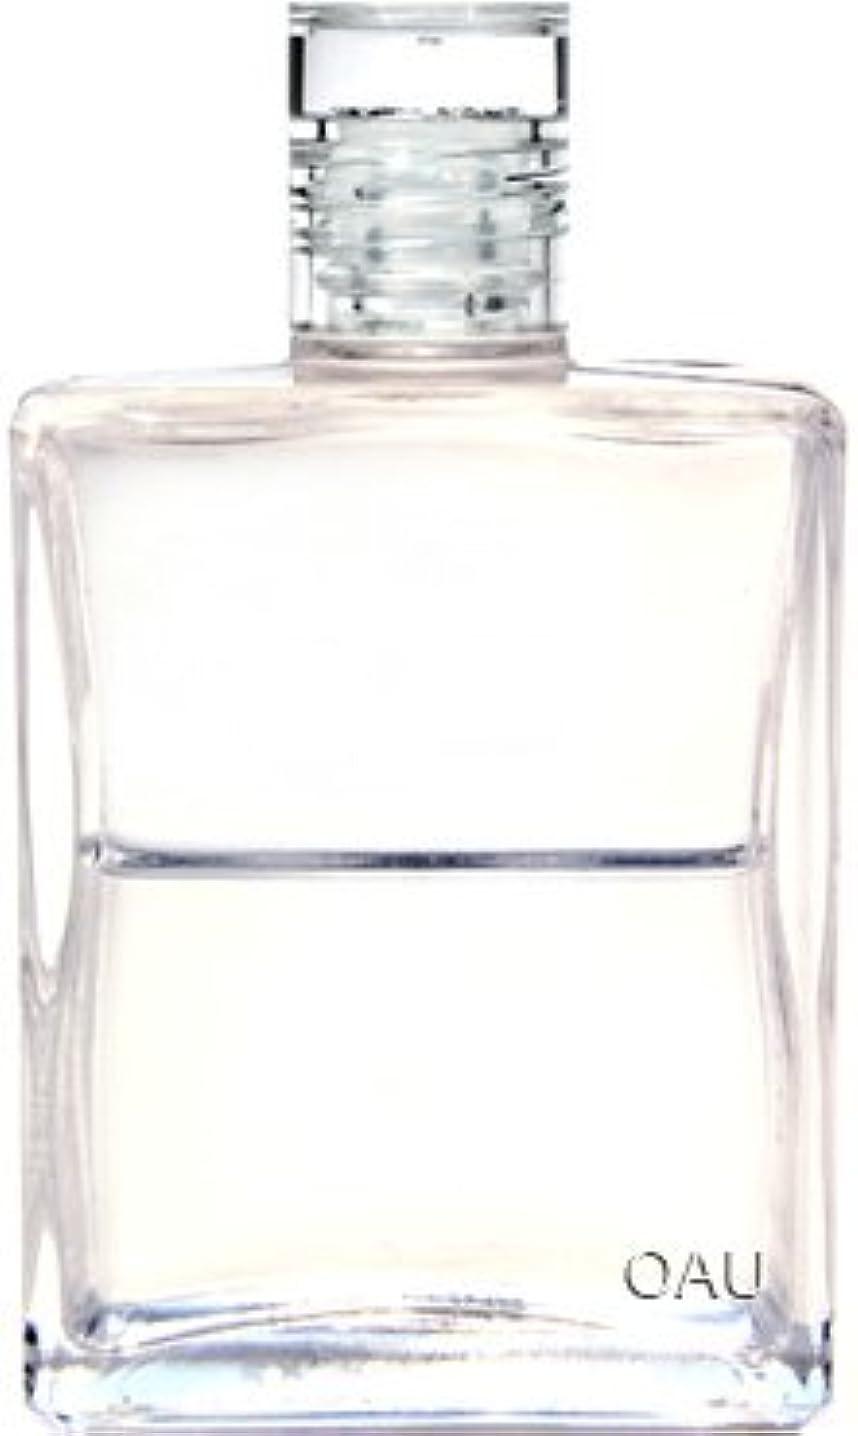 似ている偶然グレートオークオーラソーマ イクイリブリアム ボトル B054 50ml セラピスベイ 「あらゆるレベルでの浄化」(使い方リーフレット付)